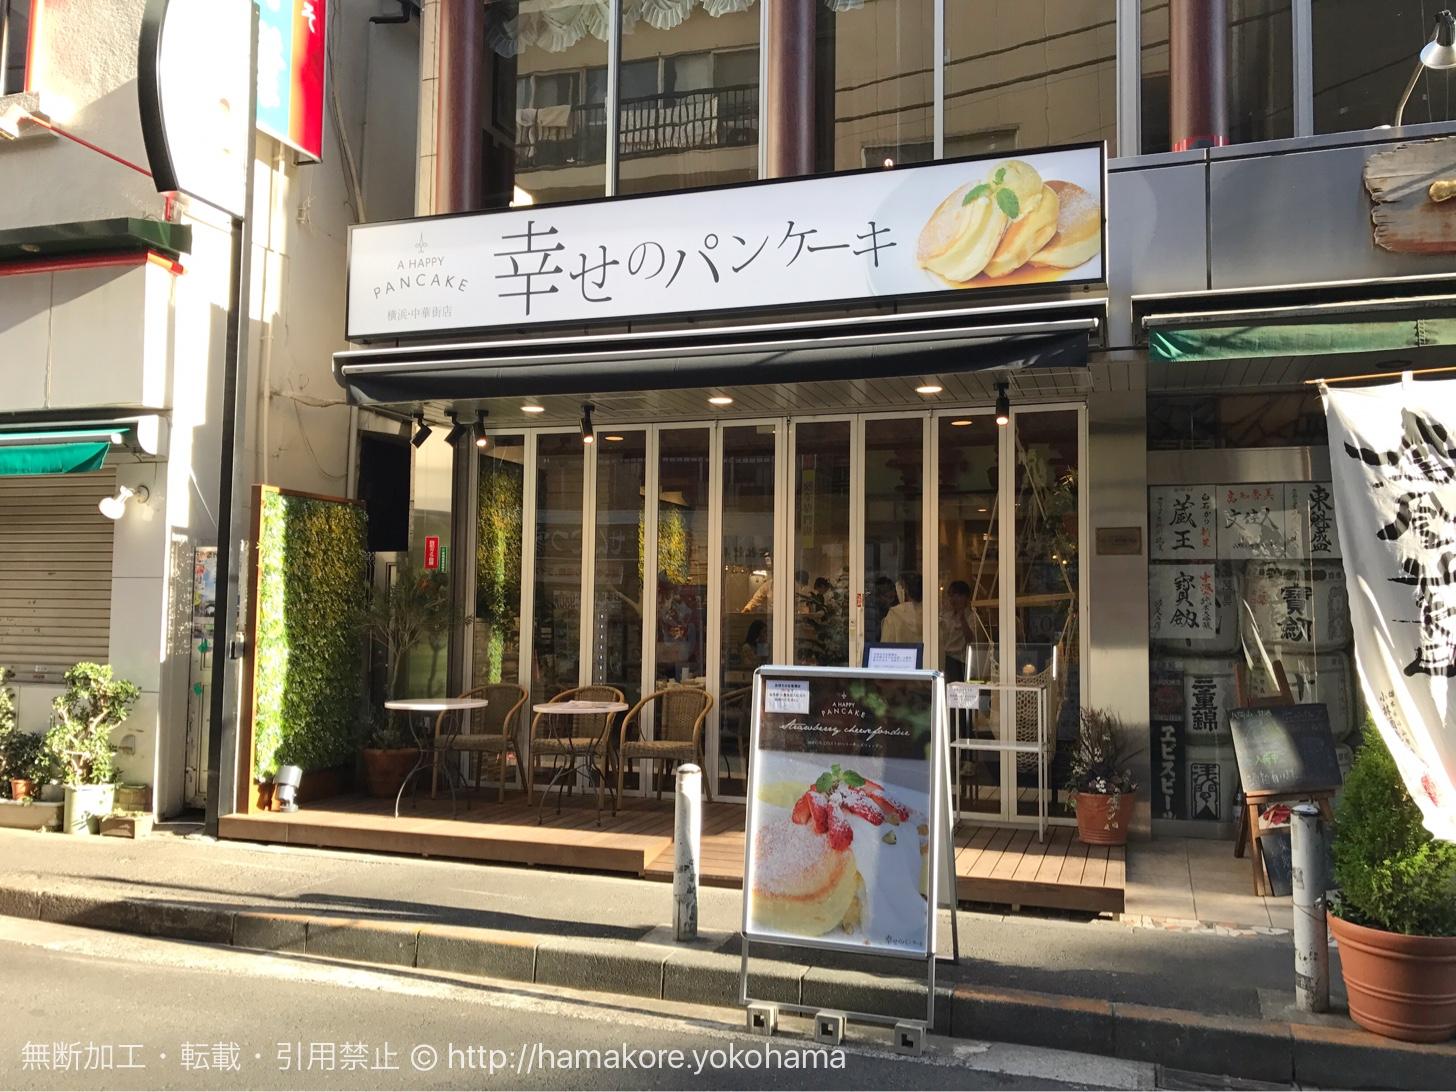 幸せのパンケーキ 横浜中華街店の外観